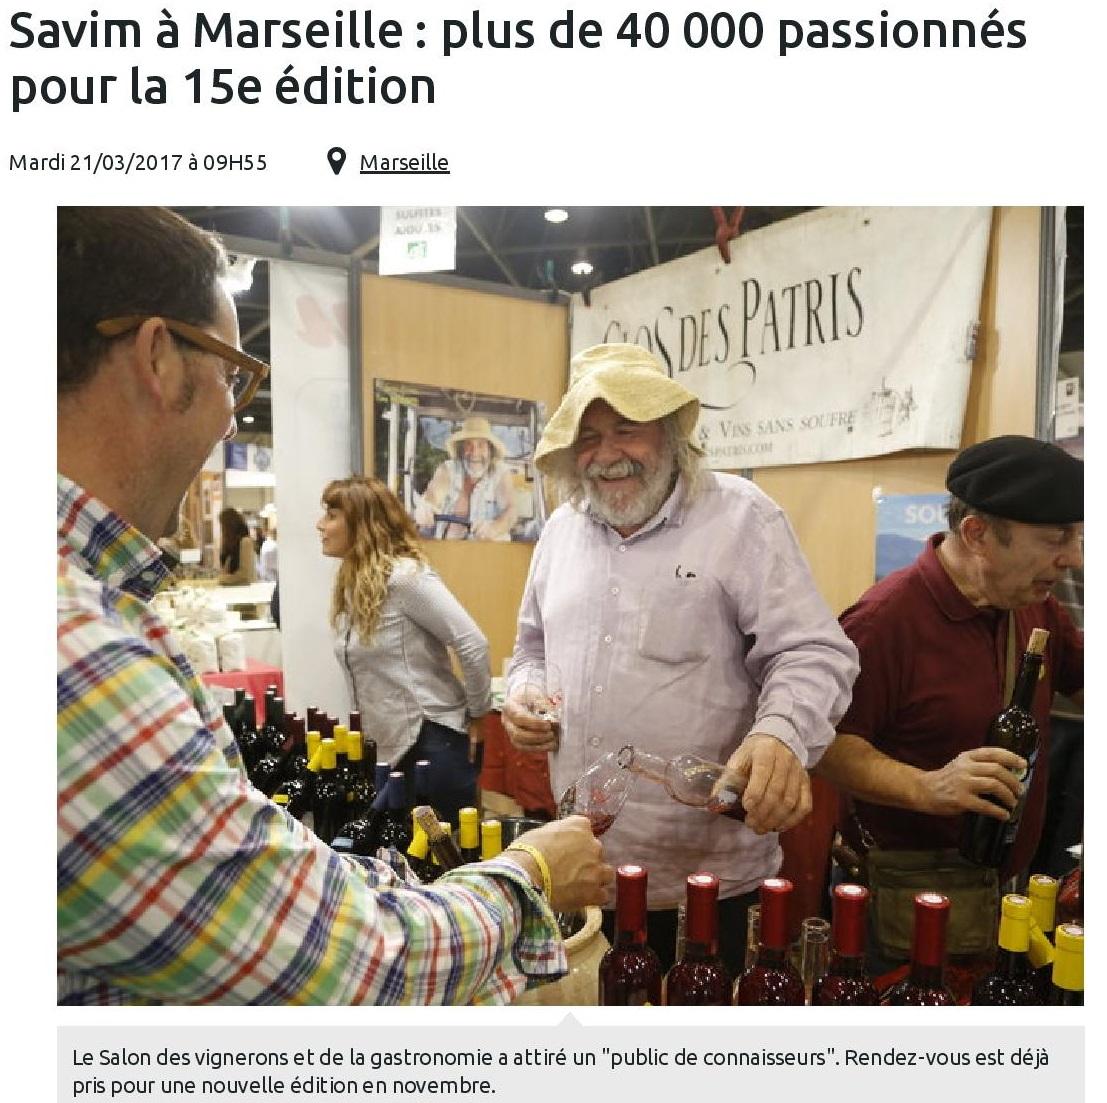 Savim à Marseille : plus de 40 000 passionnés pour la 15ème édition